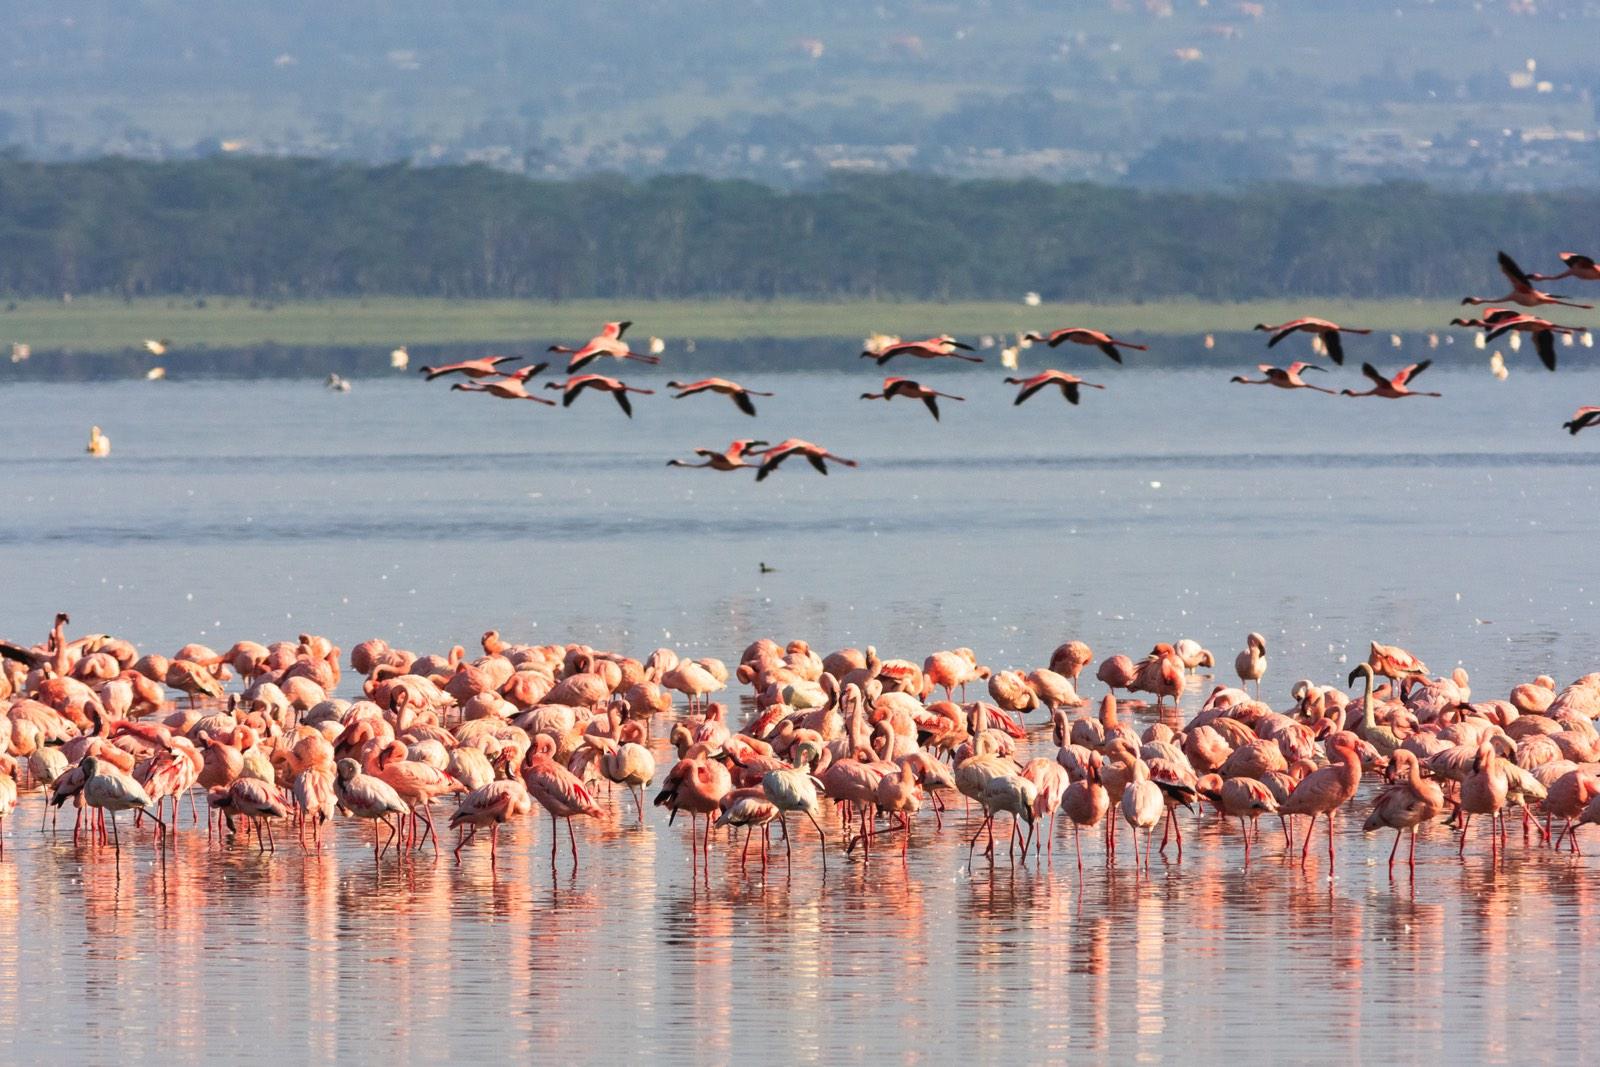 pelikanen bij water en land op achtergrond